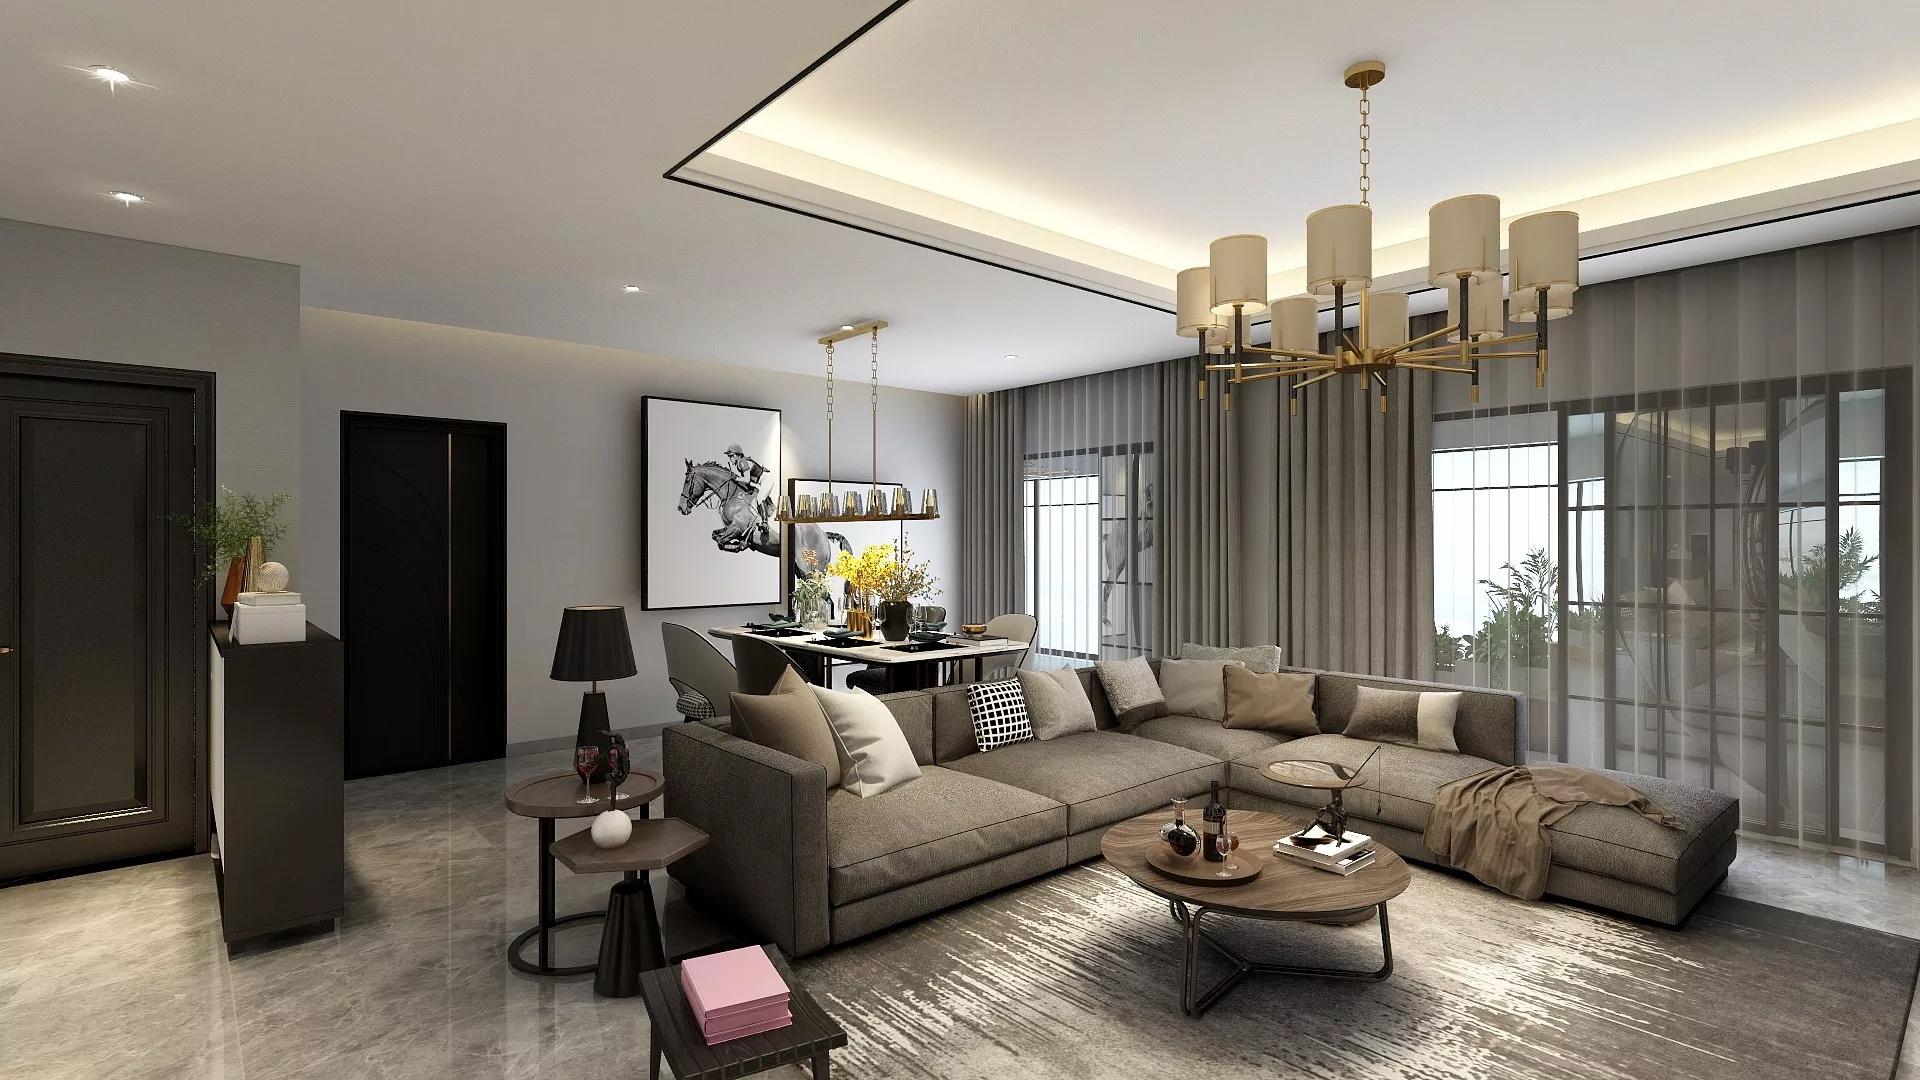 西式古典风格320㎡家装效果图